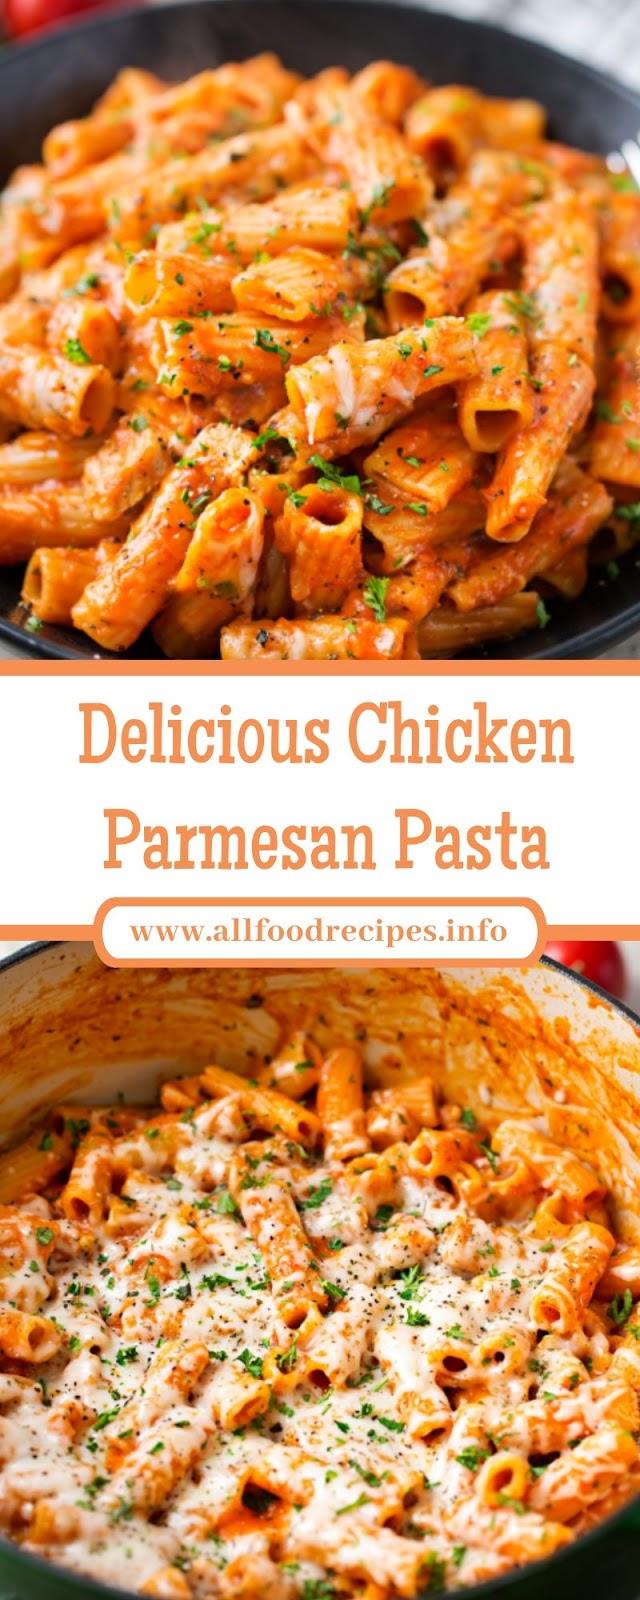 Delicious Chicken Parmesan Pasta